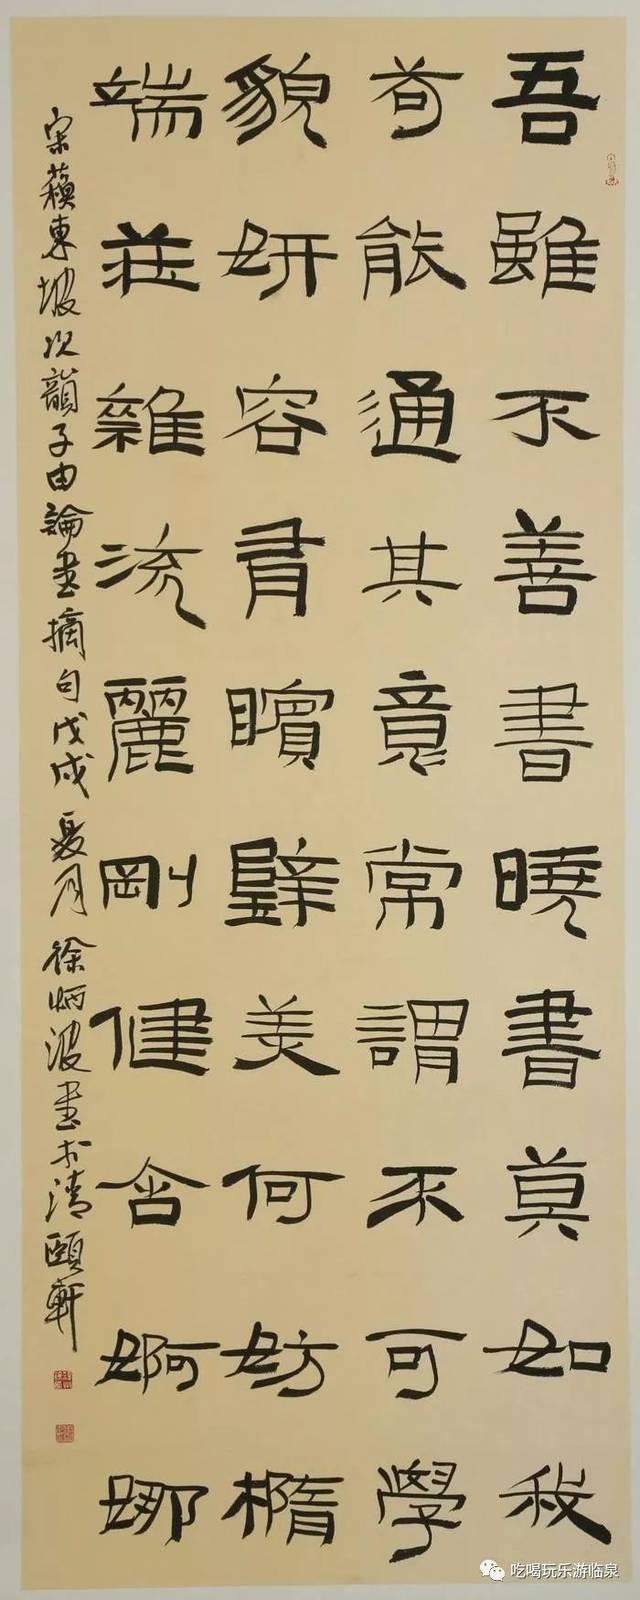 徐炳波书法.隶书中堂图片